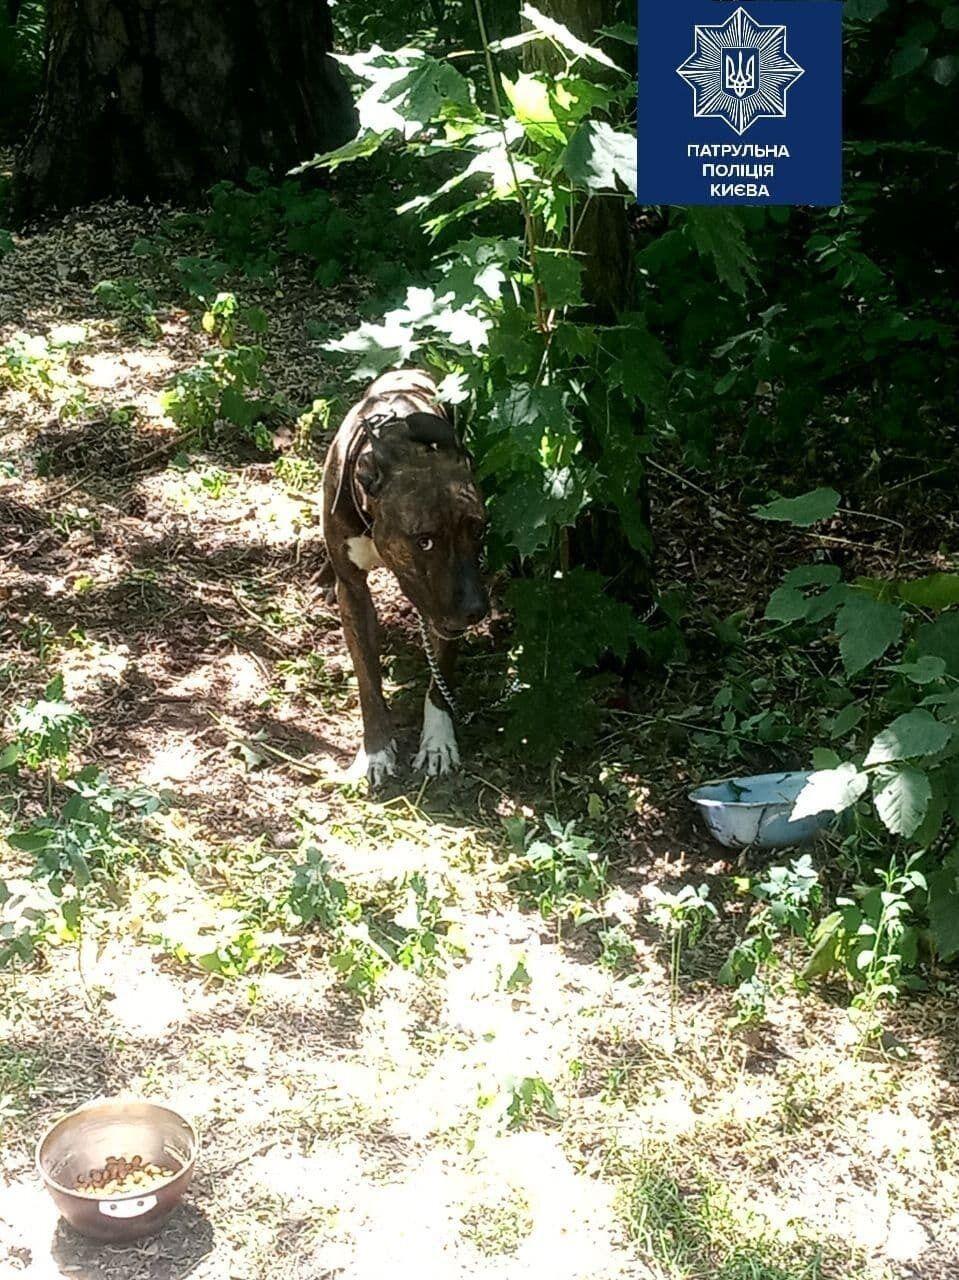 У Києві собаку прив'язали до дерева і покинули на спеці .